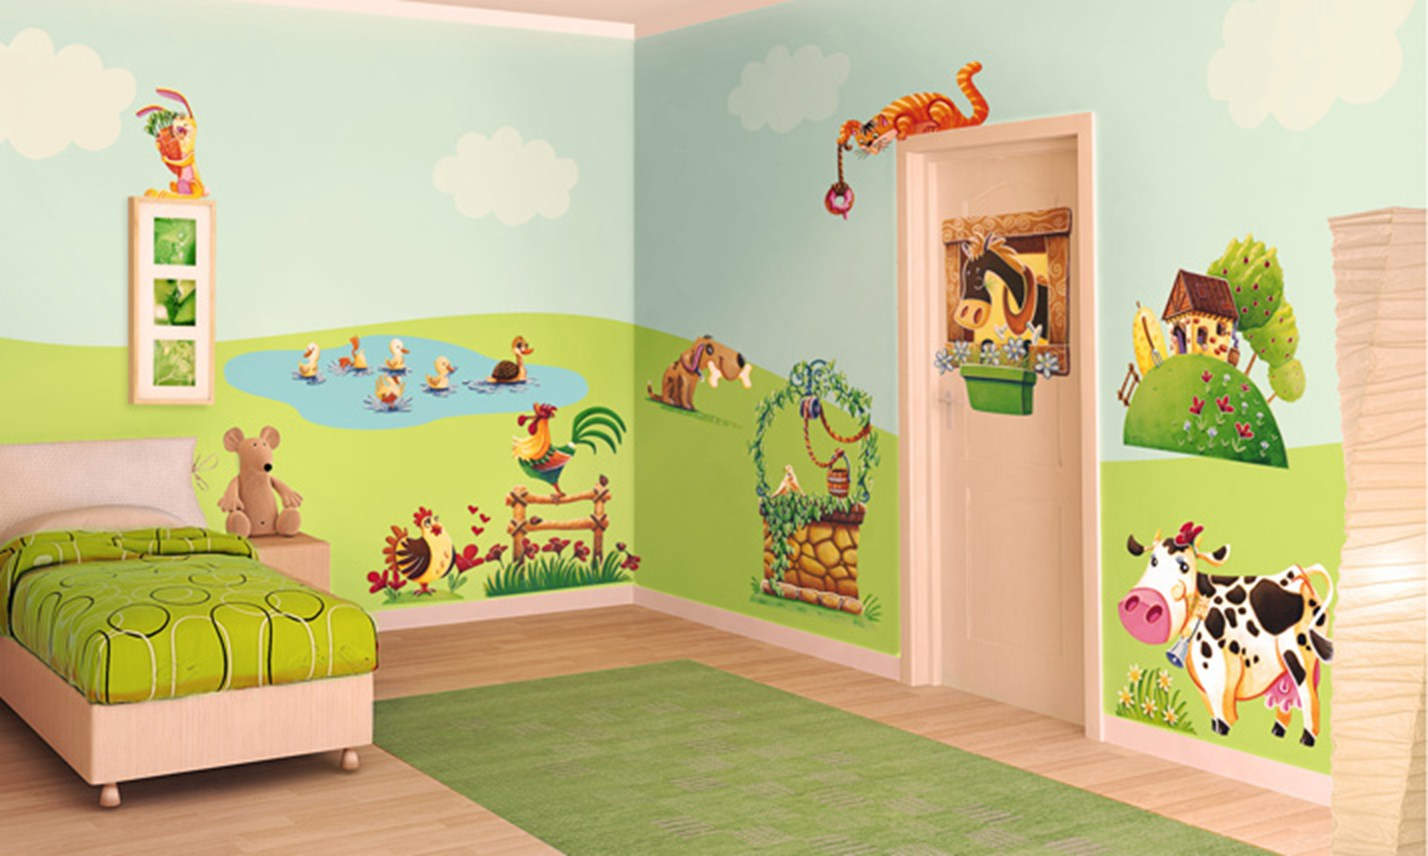 Decorazioni Pareti Orsetti : Decorazioni adesive per pareti bambini adesivi per pareti camera